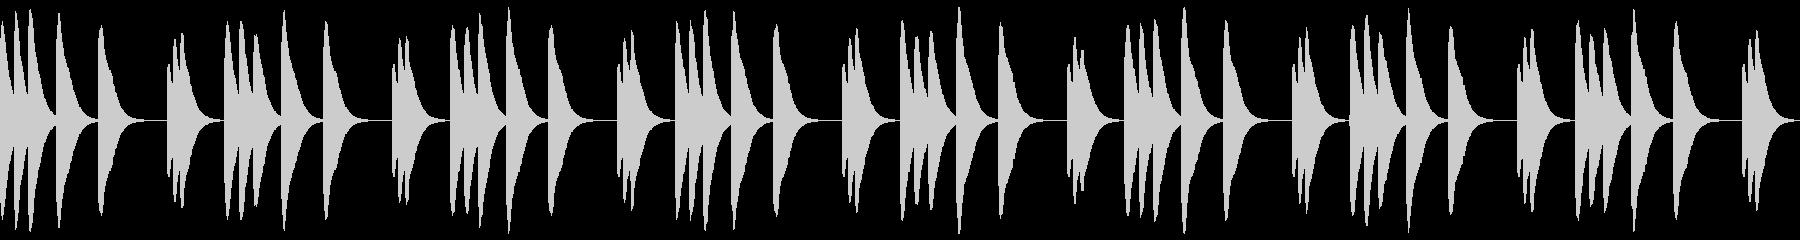 マリンバの着信音の未再生の波形